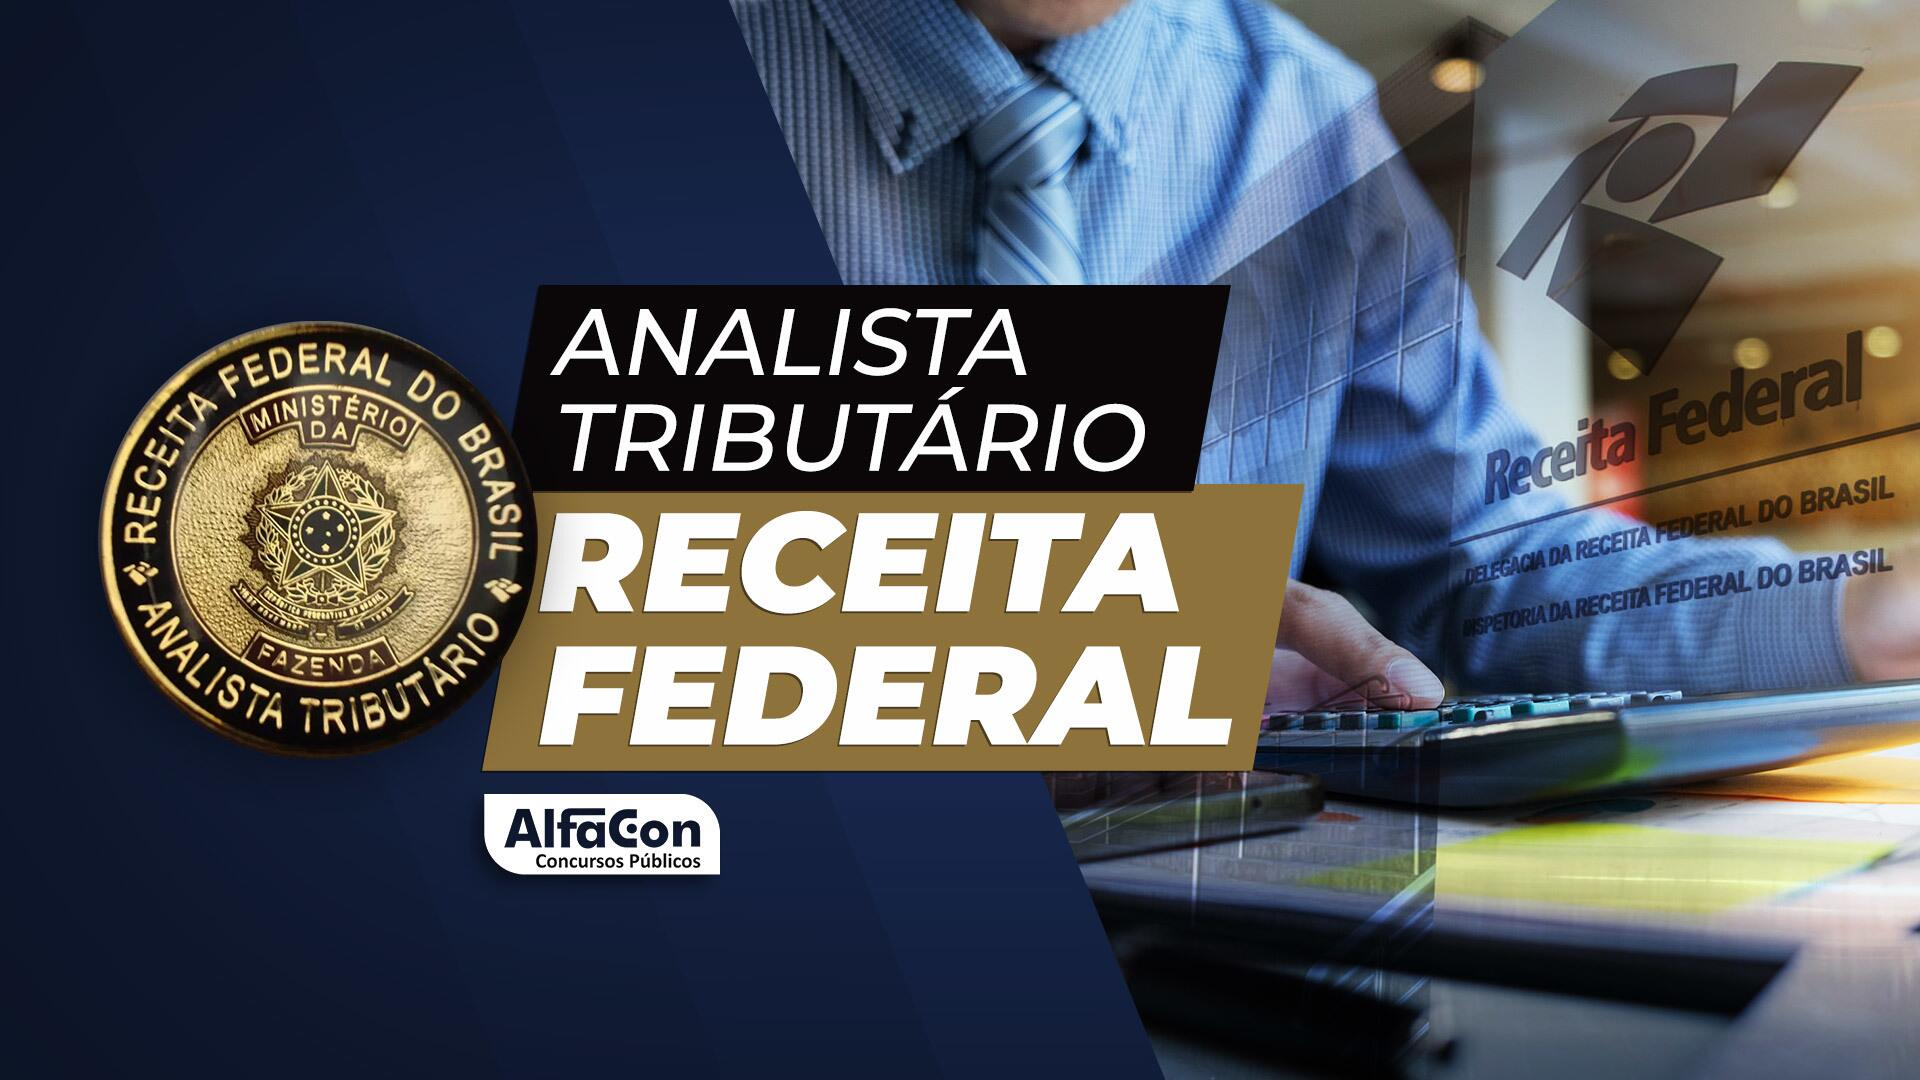 Analista Tributário da Receita Federal